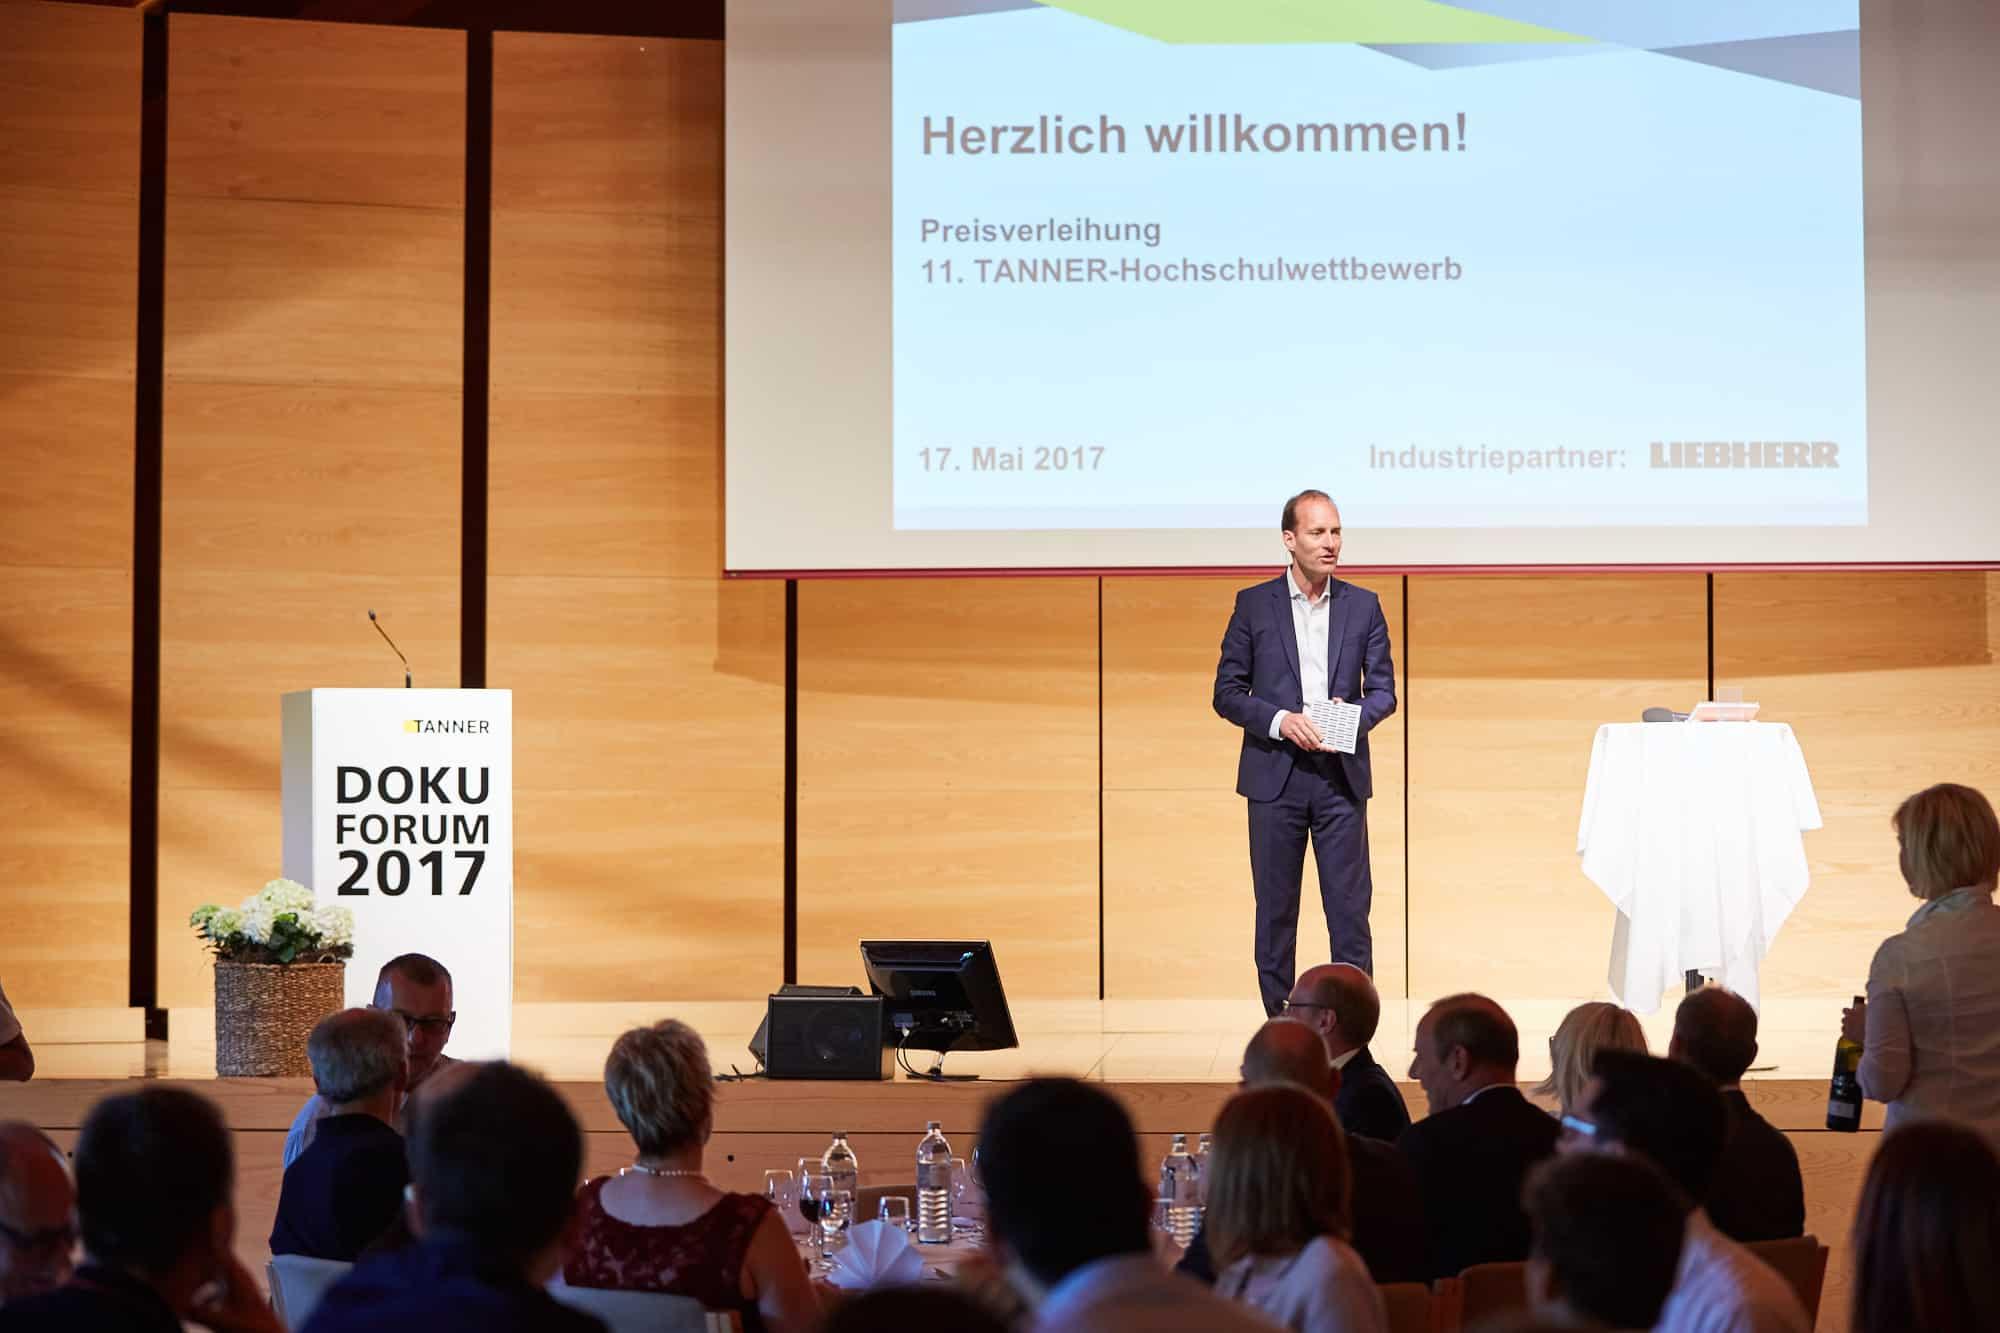 Begrüßungsrede von Georg-Friedrich Blocher beim 11. TANNER-Hochschulwettbewerb